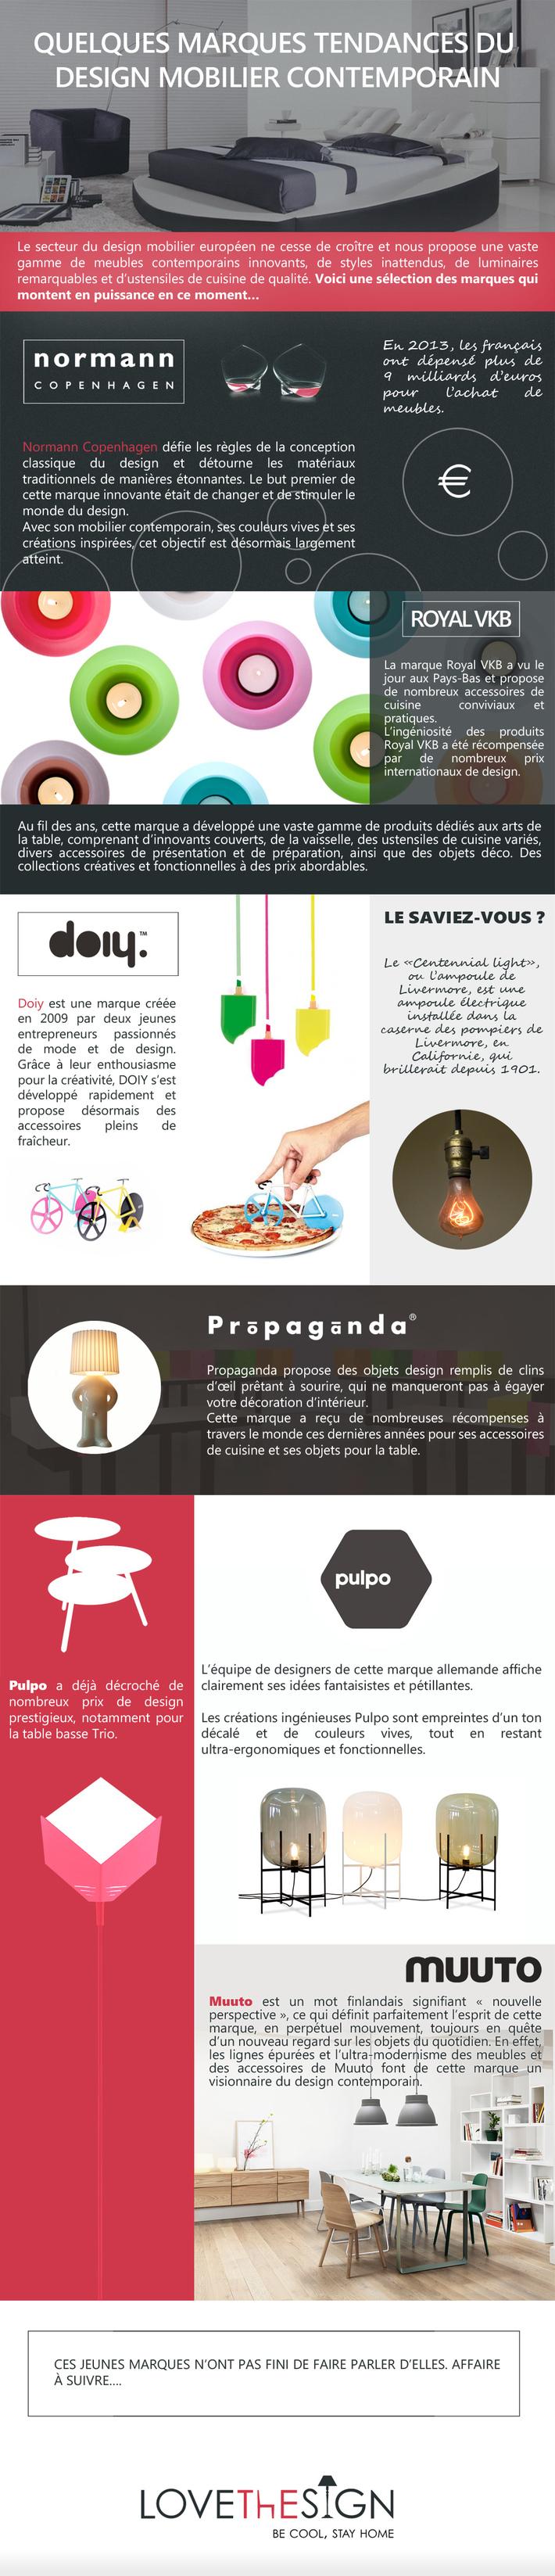 Marques Tendances - Design Mobilier Contemporain